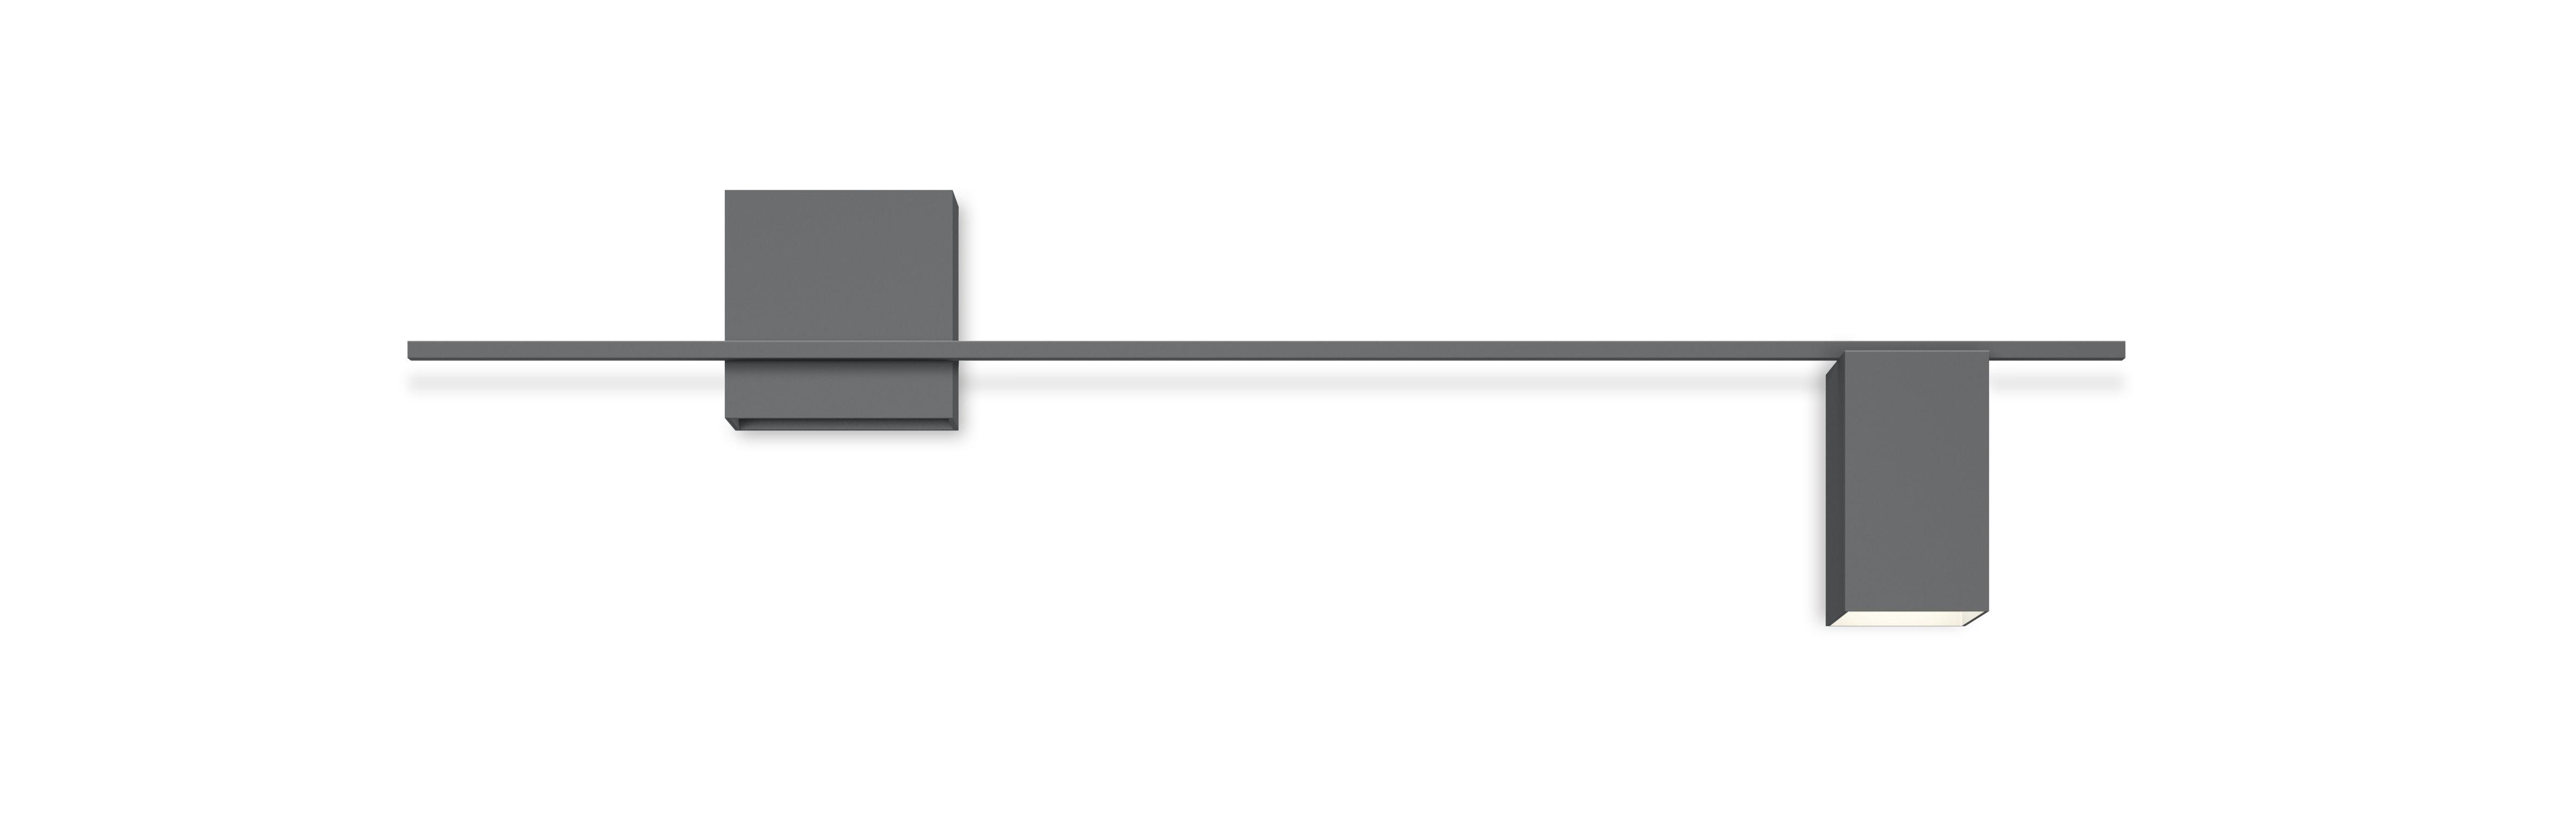 Leuchten - Wandleuchten - Structural LED Wandleuchte / L 120 cm - Vibia - Grau - lackiertes Aluminium